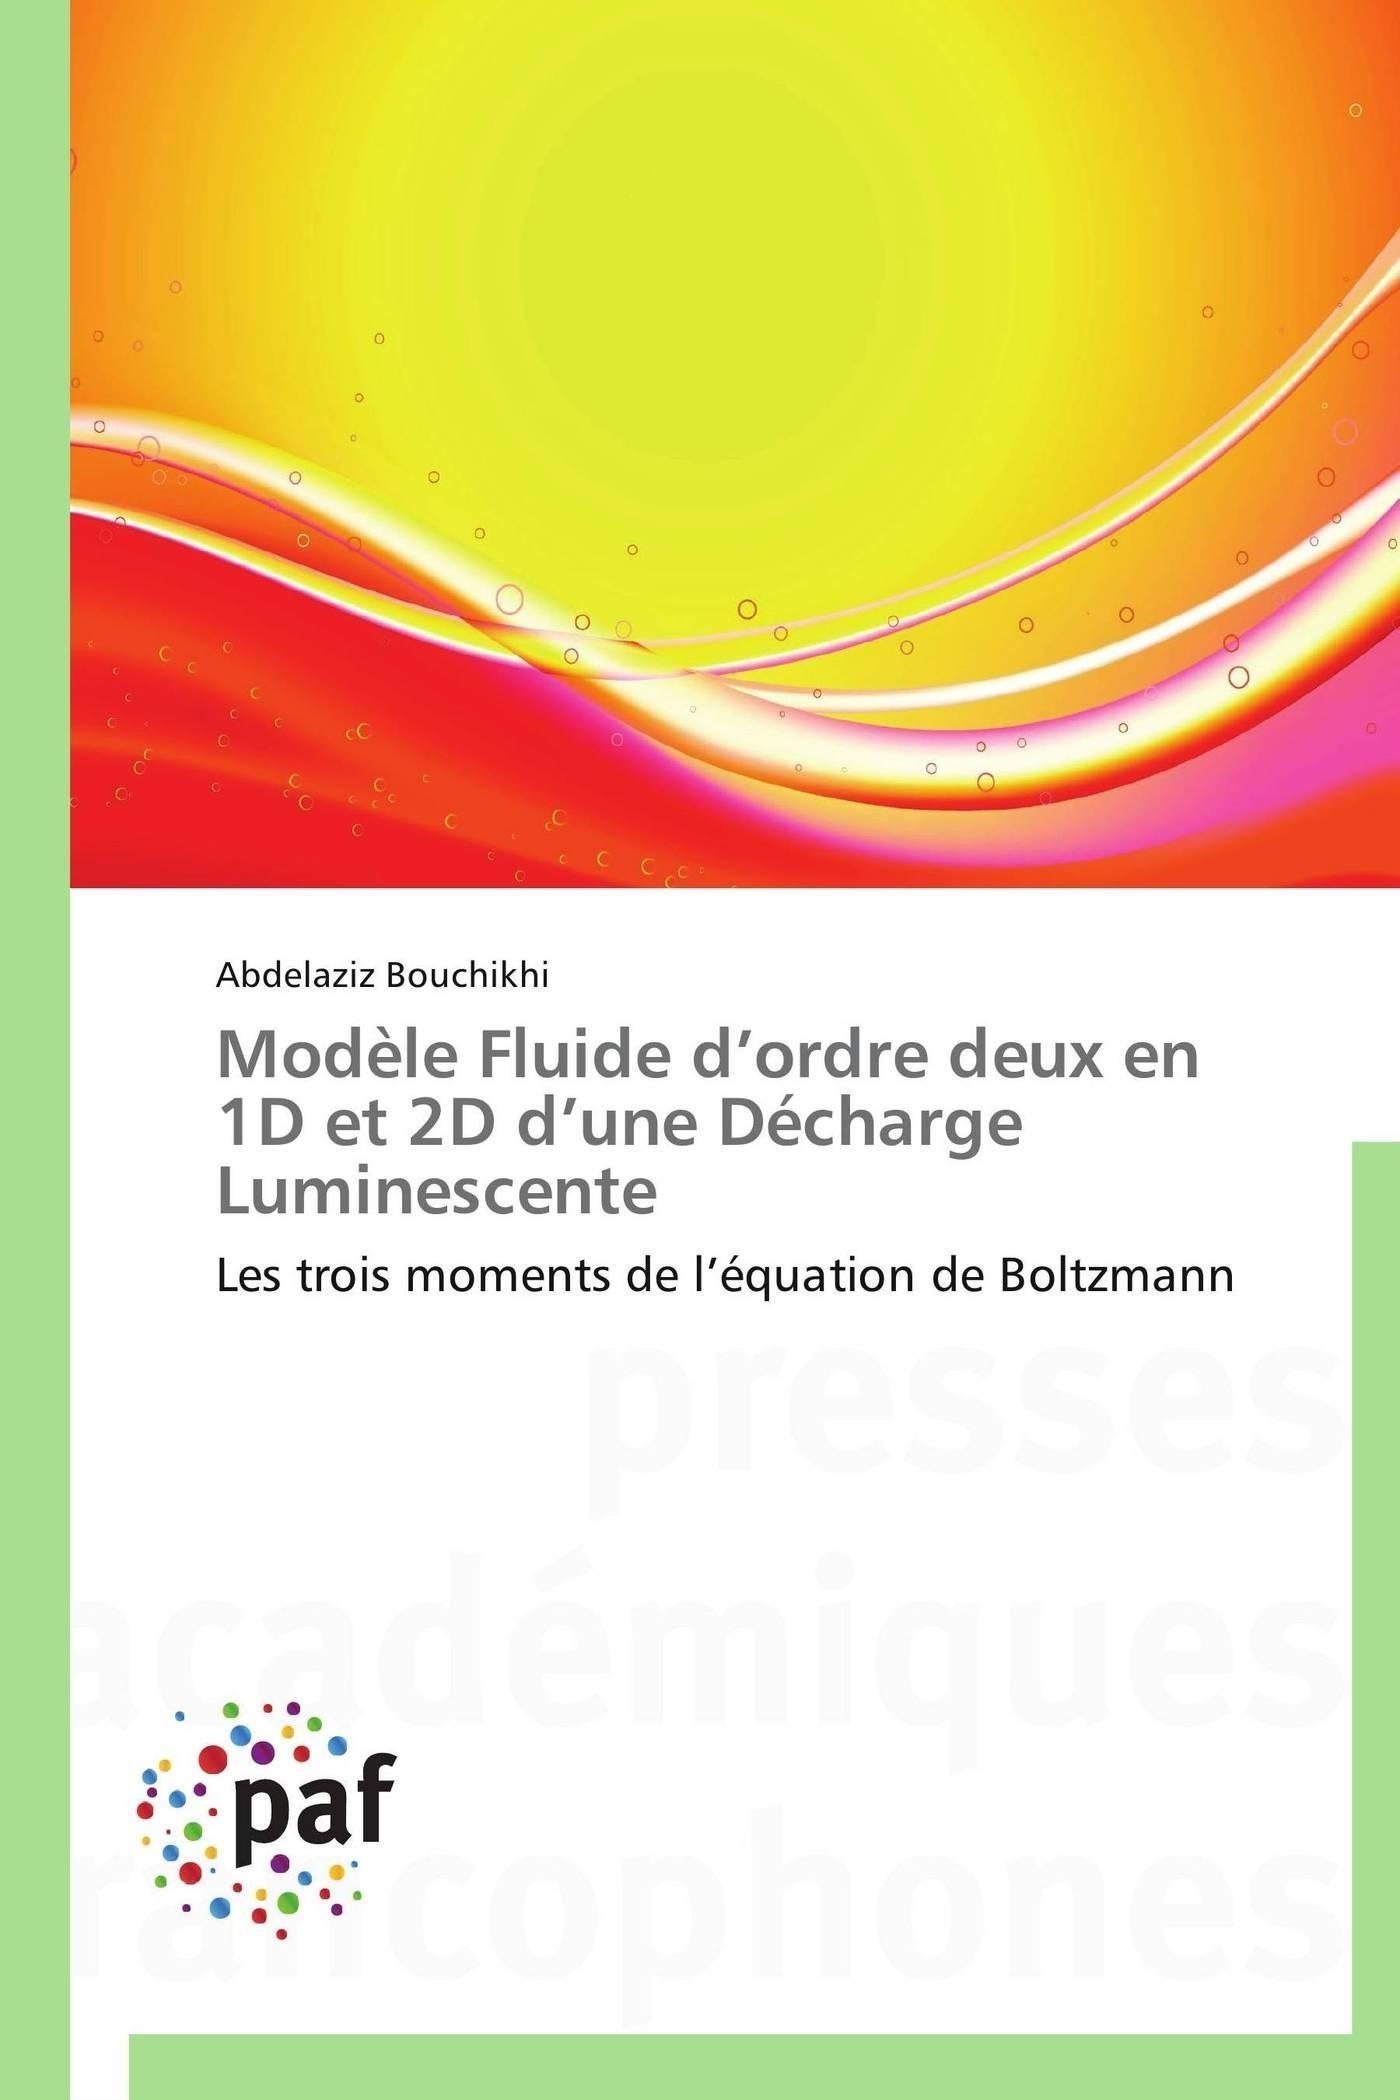 MODELE FLUIDE D ORDRE DEUX EN 1D ET 2D D UNE DECHARGE LUMINESCENTE